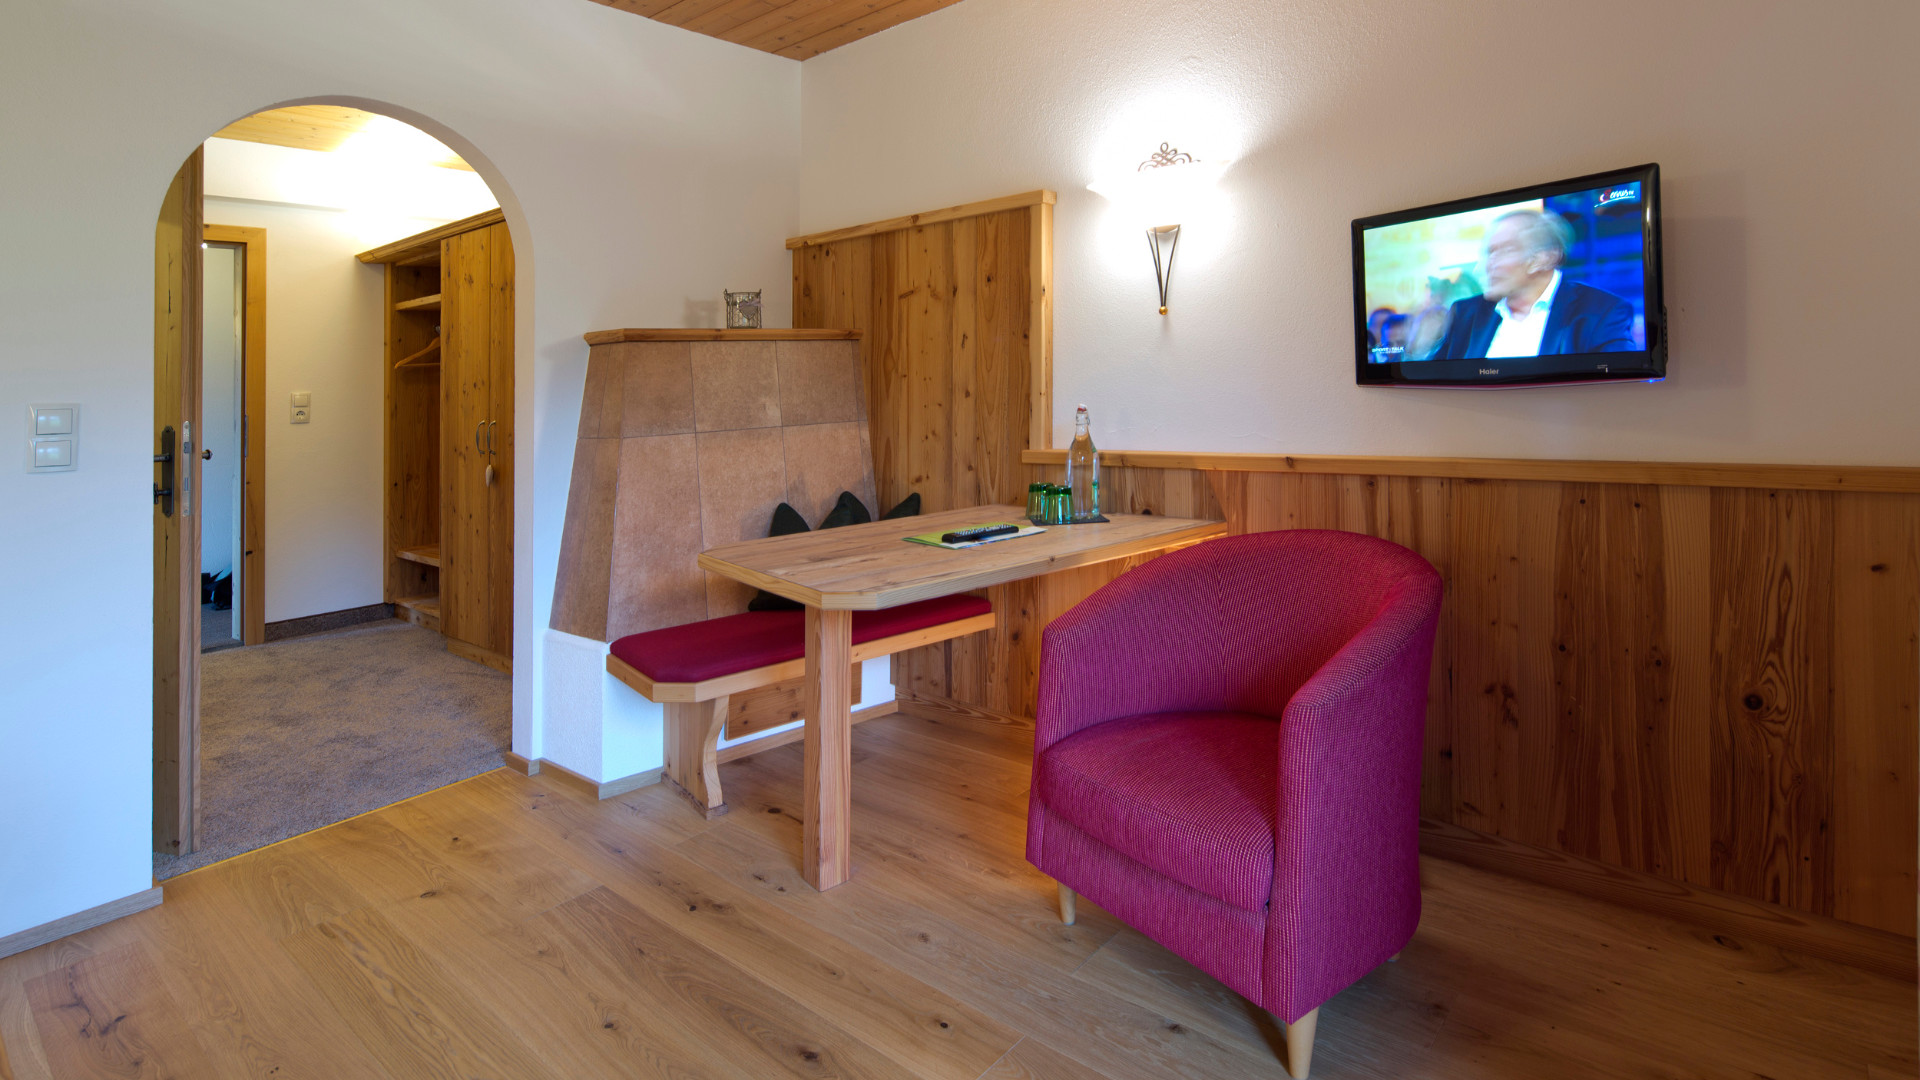 ledererhof-gasthof-pension-ebbs-zimmer-hotel-tirol-vermietung-wohnraum-1